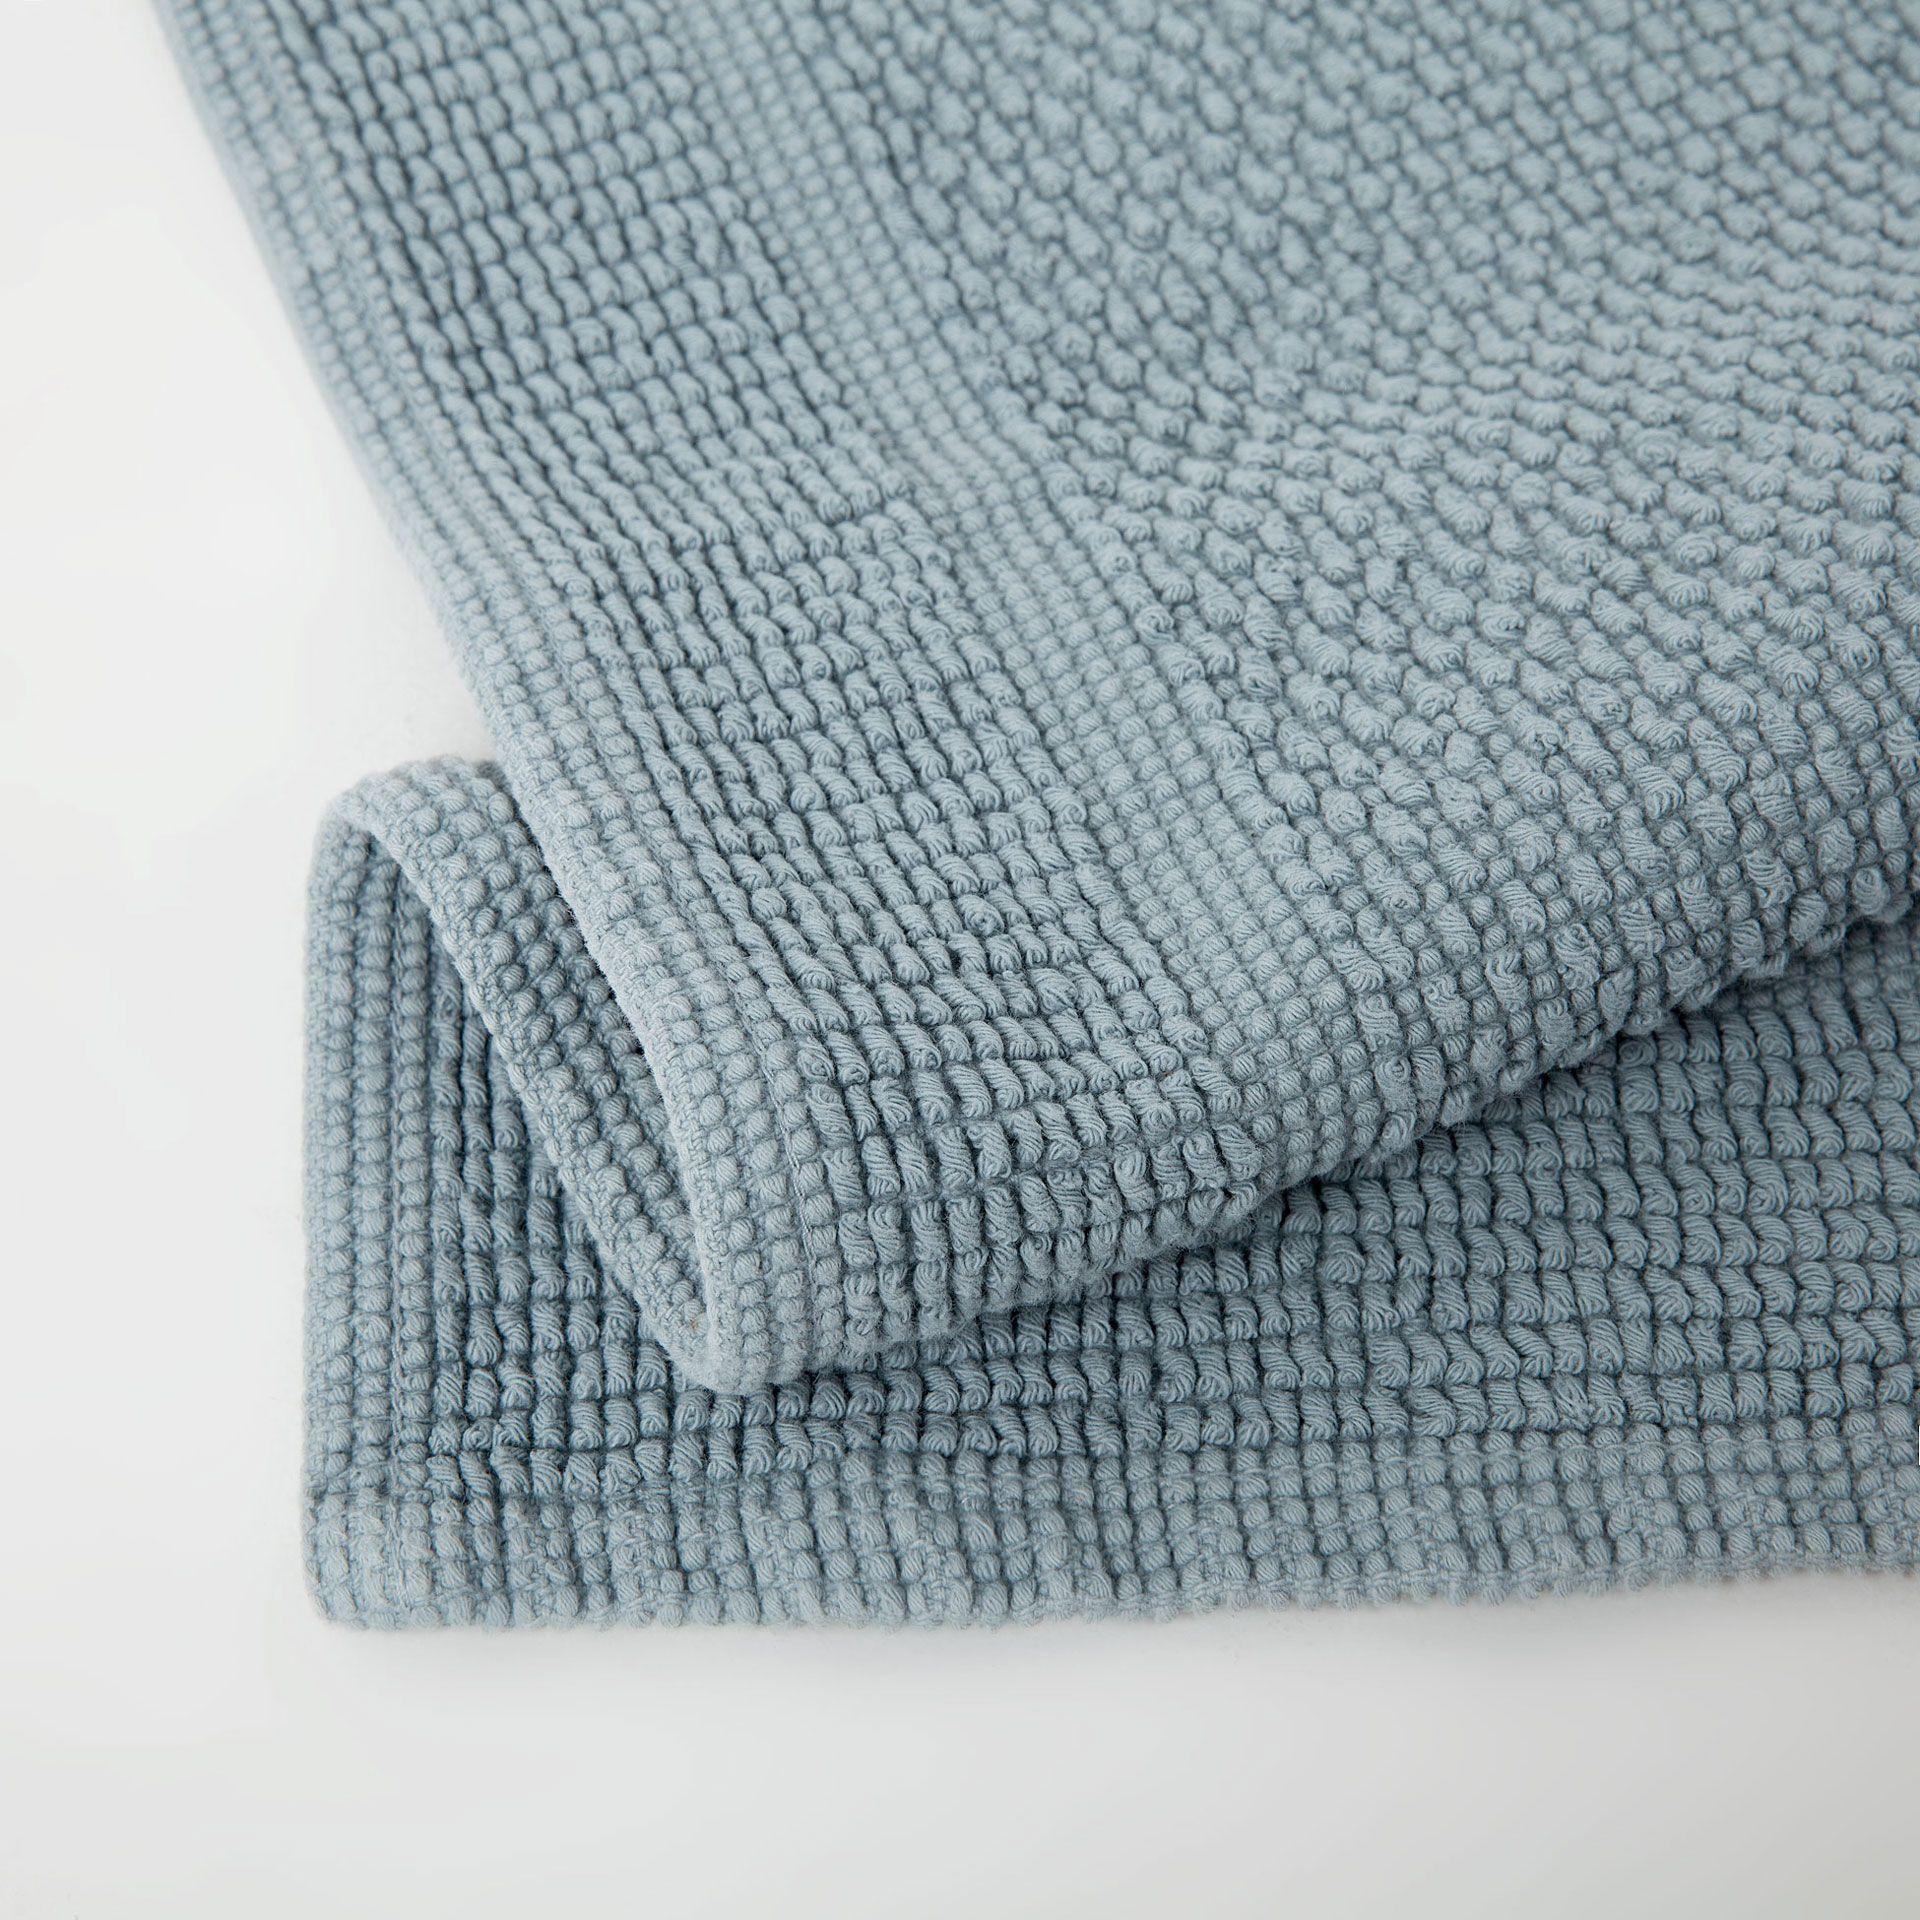 Bild 5 Des Produktes Basic Badvorleger Mit Knoten In Blaugrau